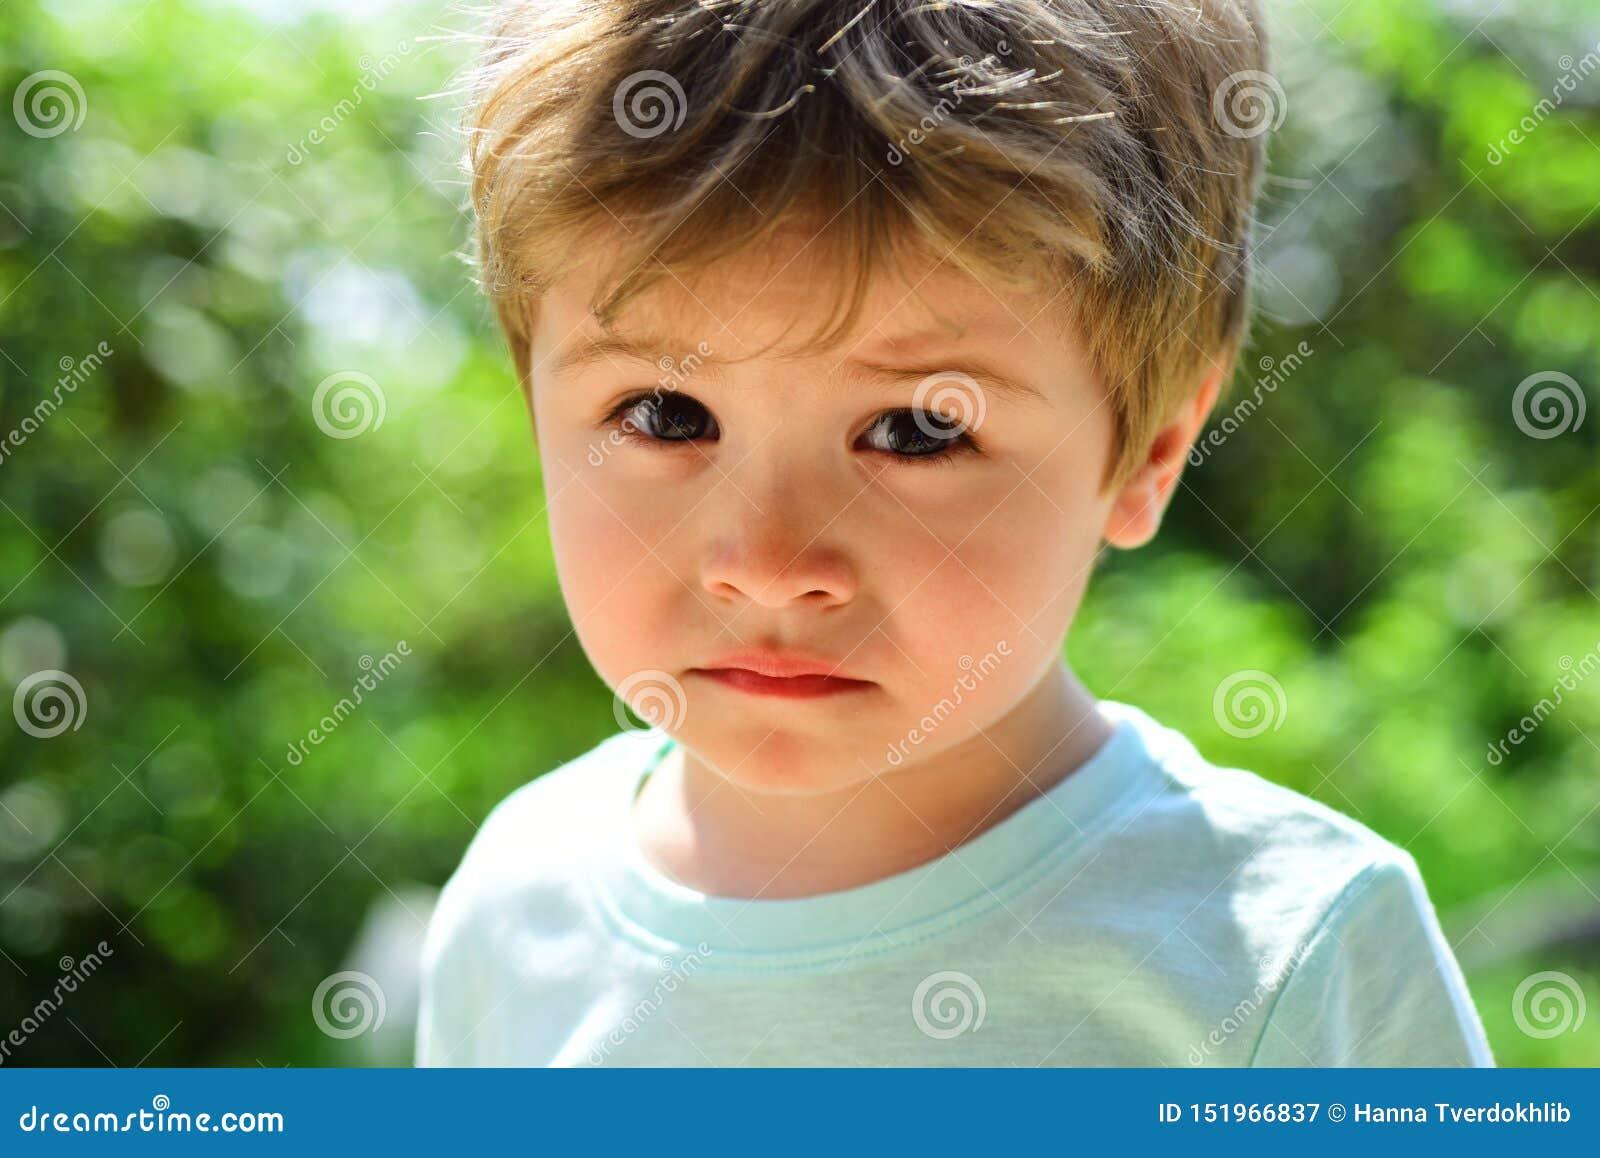 Enfant triste, portrait en gros plan Un enfant frustrant sans humeur Émotions tristes sur un beau visage Enfant en nature